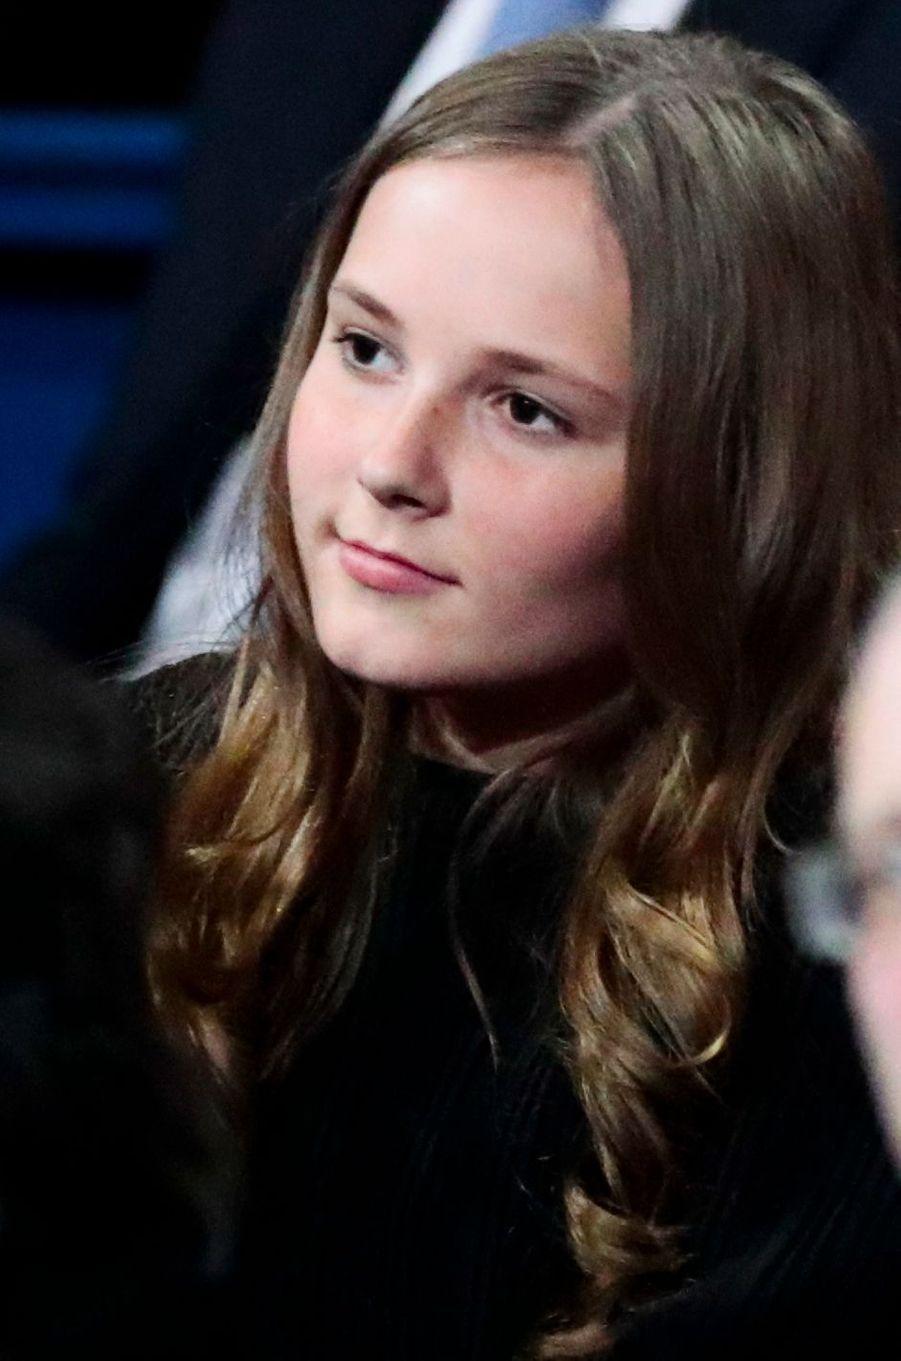 La princesse Ingrid Alexandra de Norvège à Oslo, le 11 décembre 2017